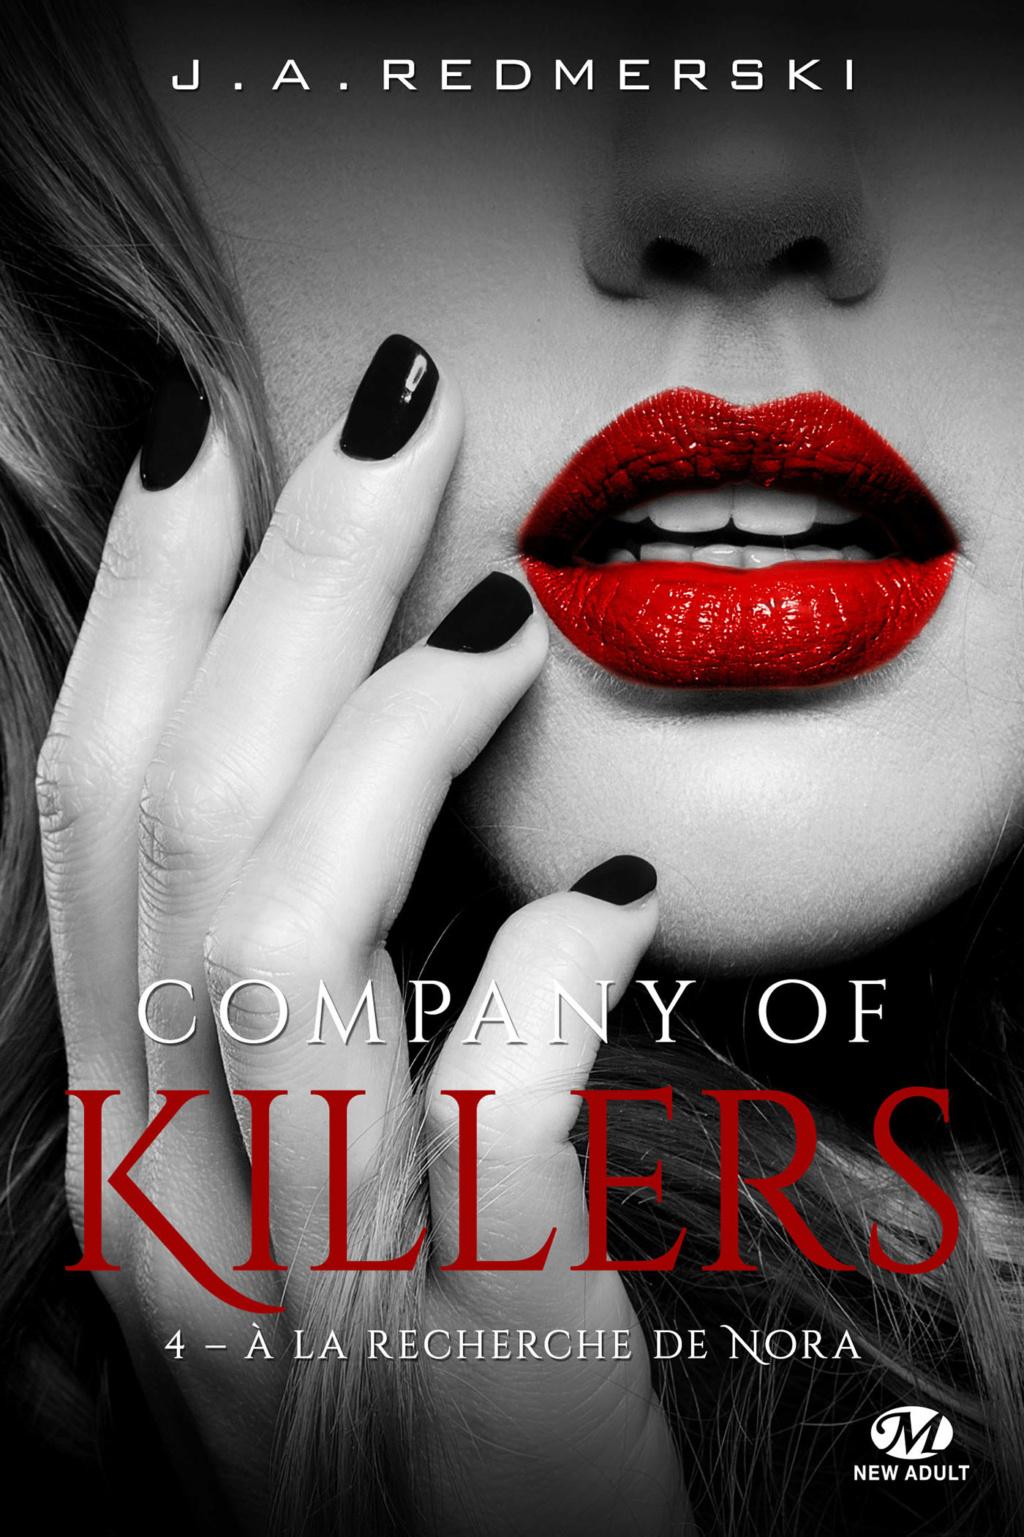 REDMERSKI J.A - COMPANY OF KILLERS - Tome 4 : A la recherche de Nora   Compan10